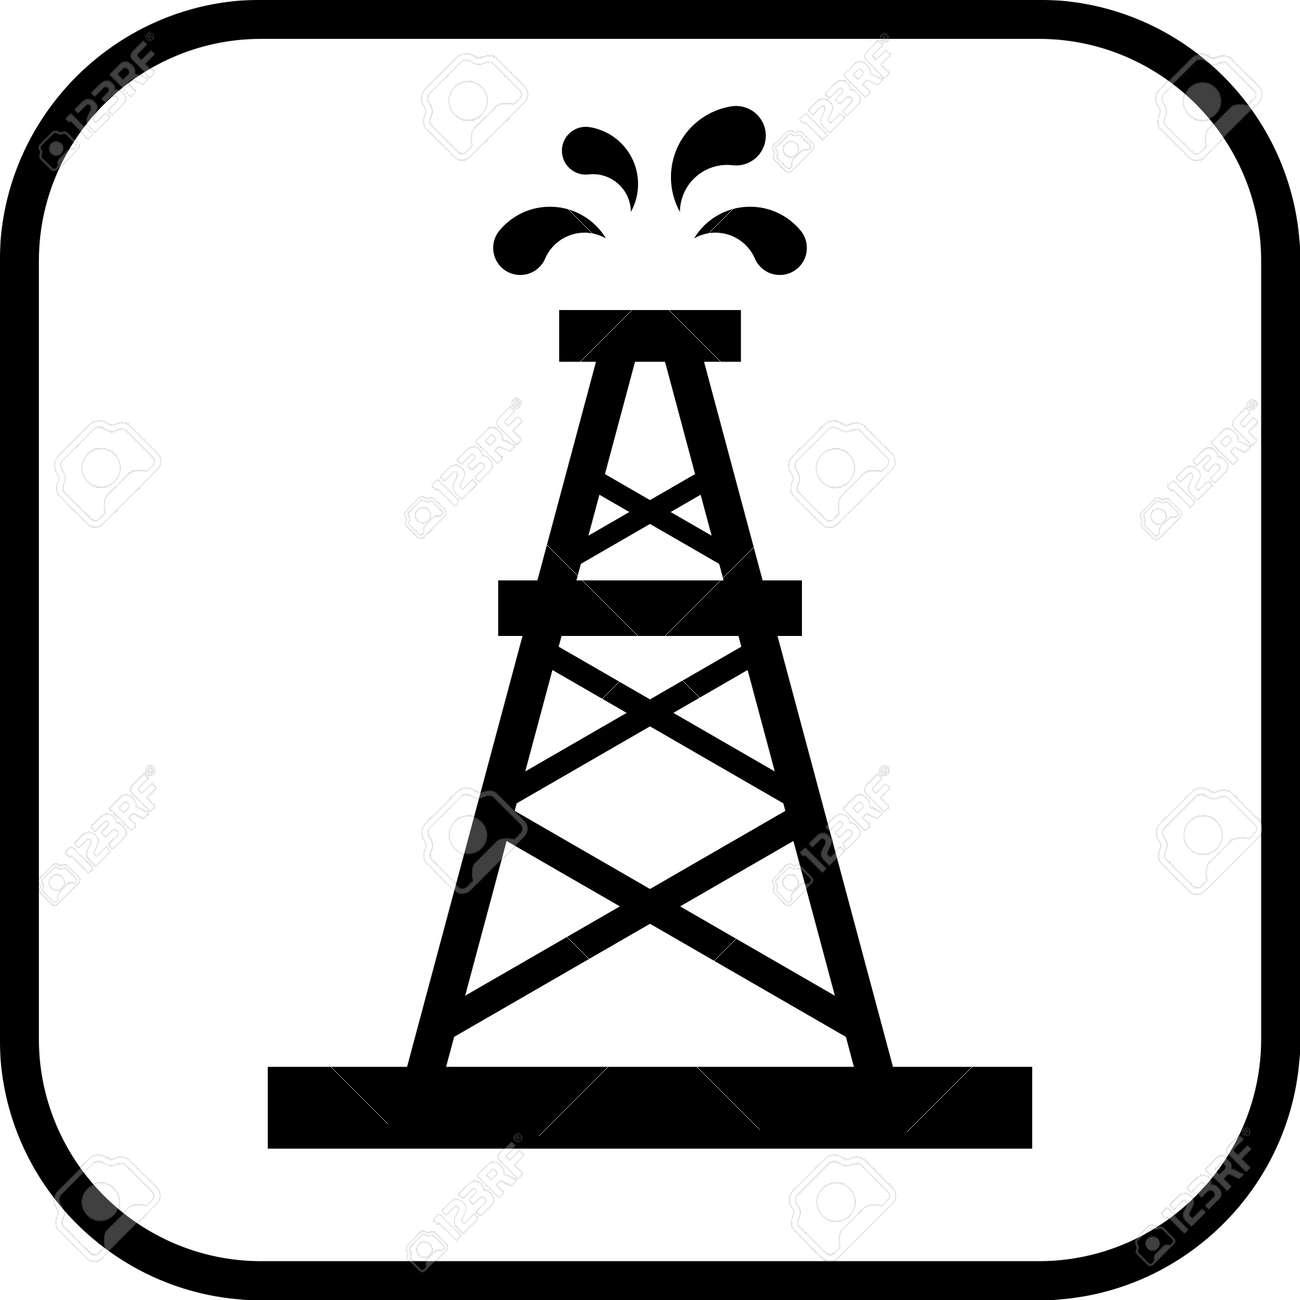 Oil rig vector icon - 52831529